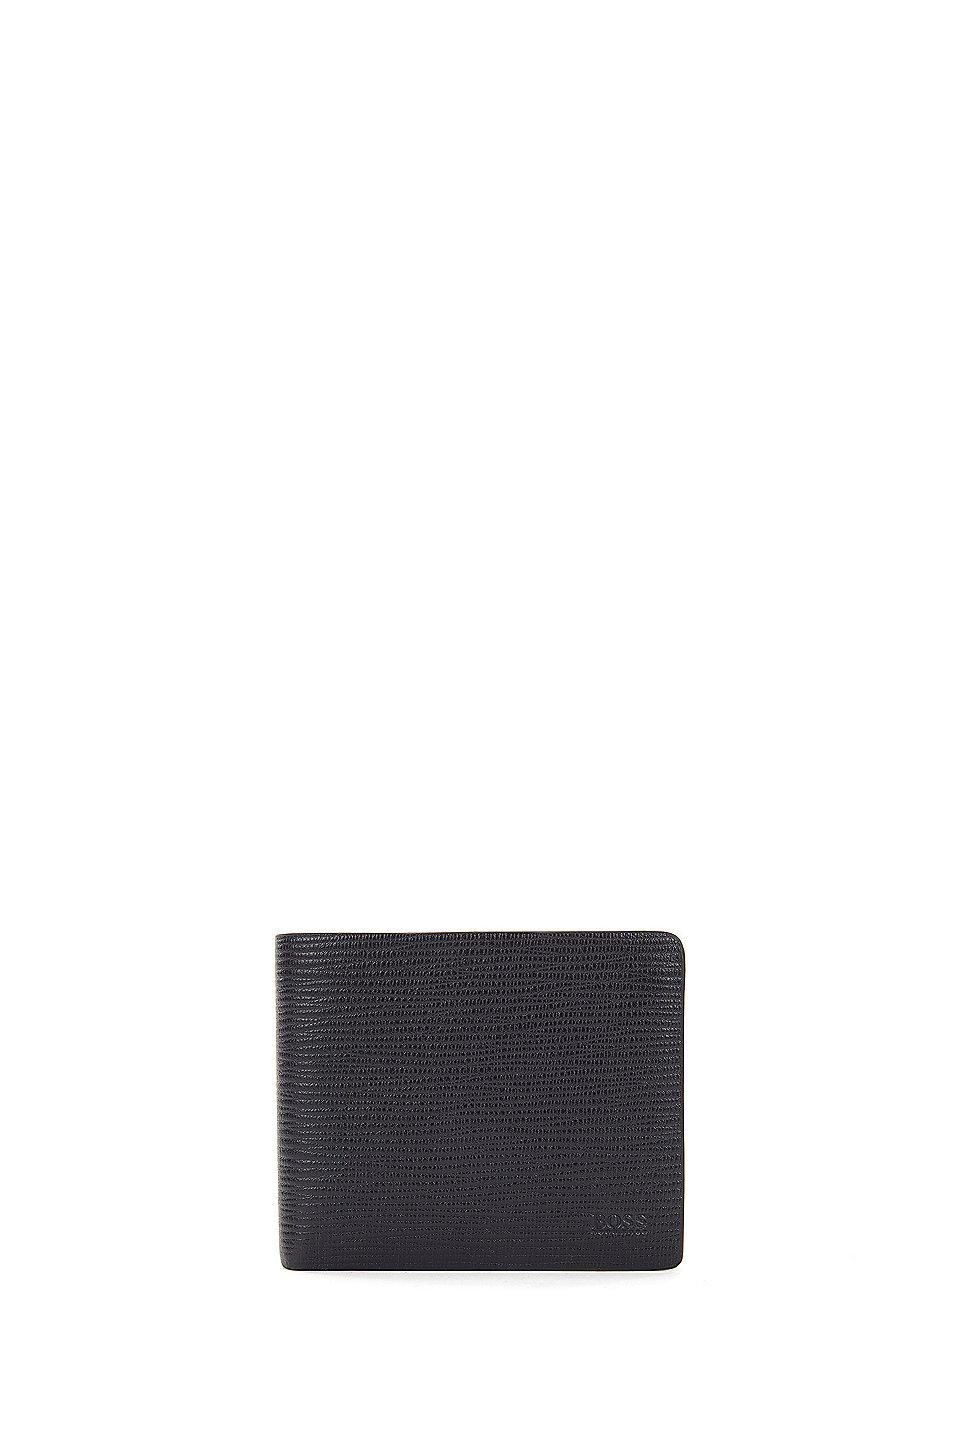 HUGO BOSS Portefeuille à trois volets en cuir imprimé avec huit fentes pour cartes OJN4fV2J